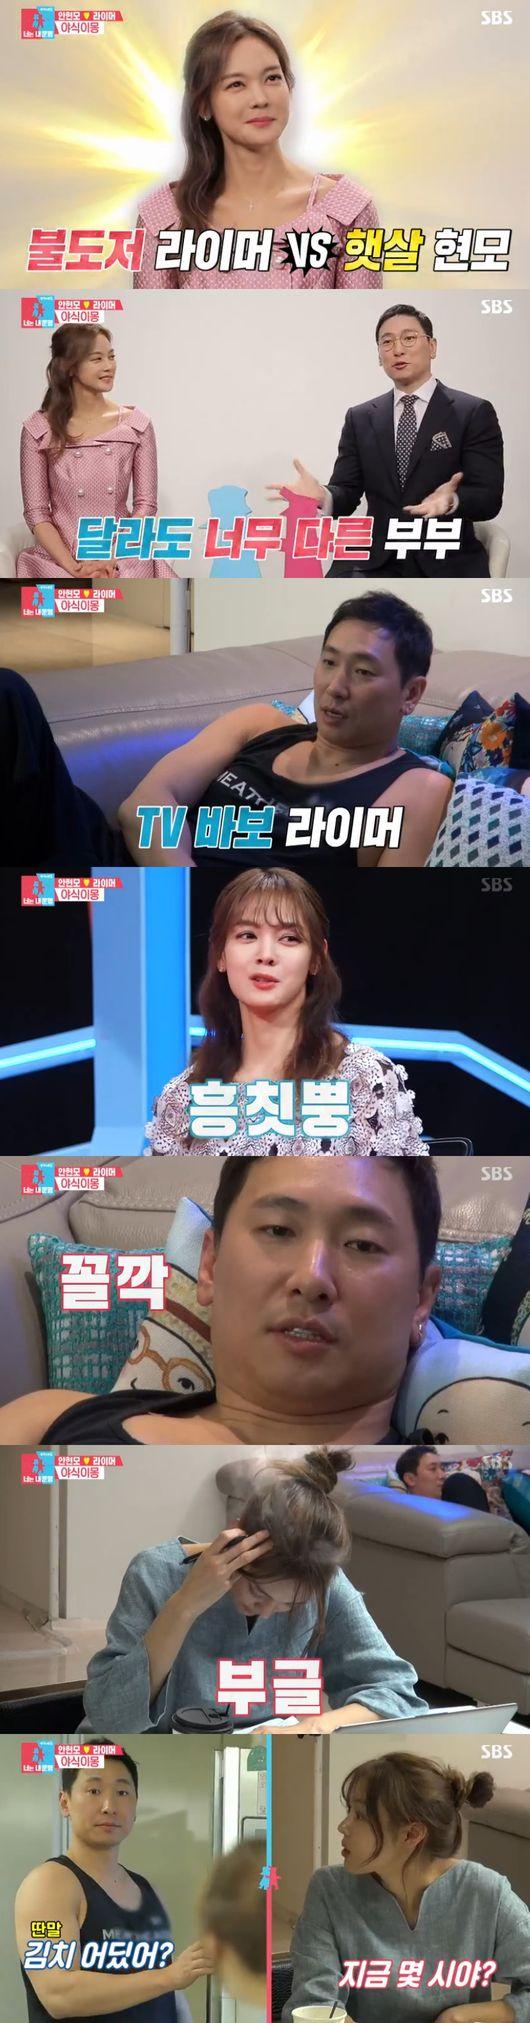 """""""스윗라이머♥안현모양처"""" '동상이몽2"""